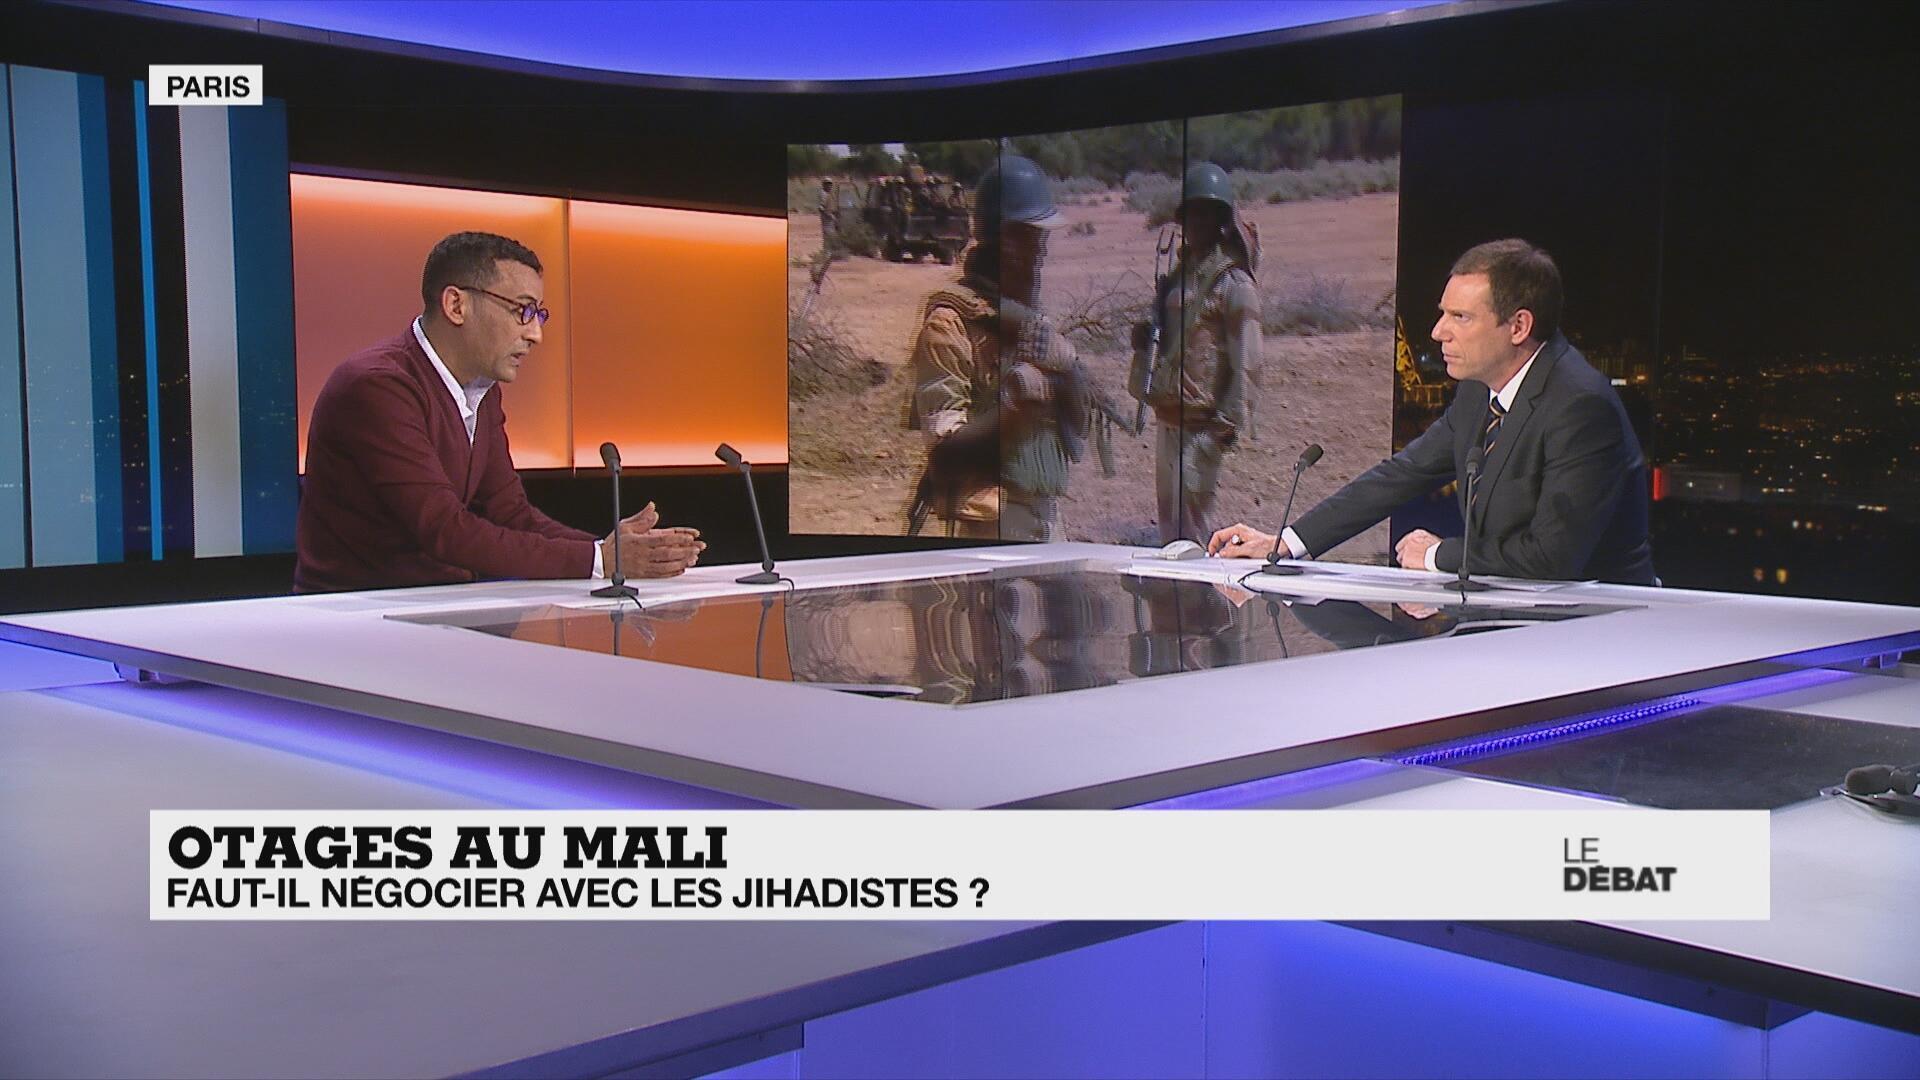 Le Débat de France 24 - mardi 13 octobre 2020